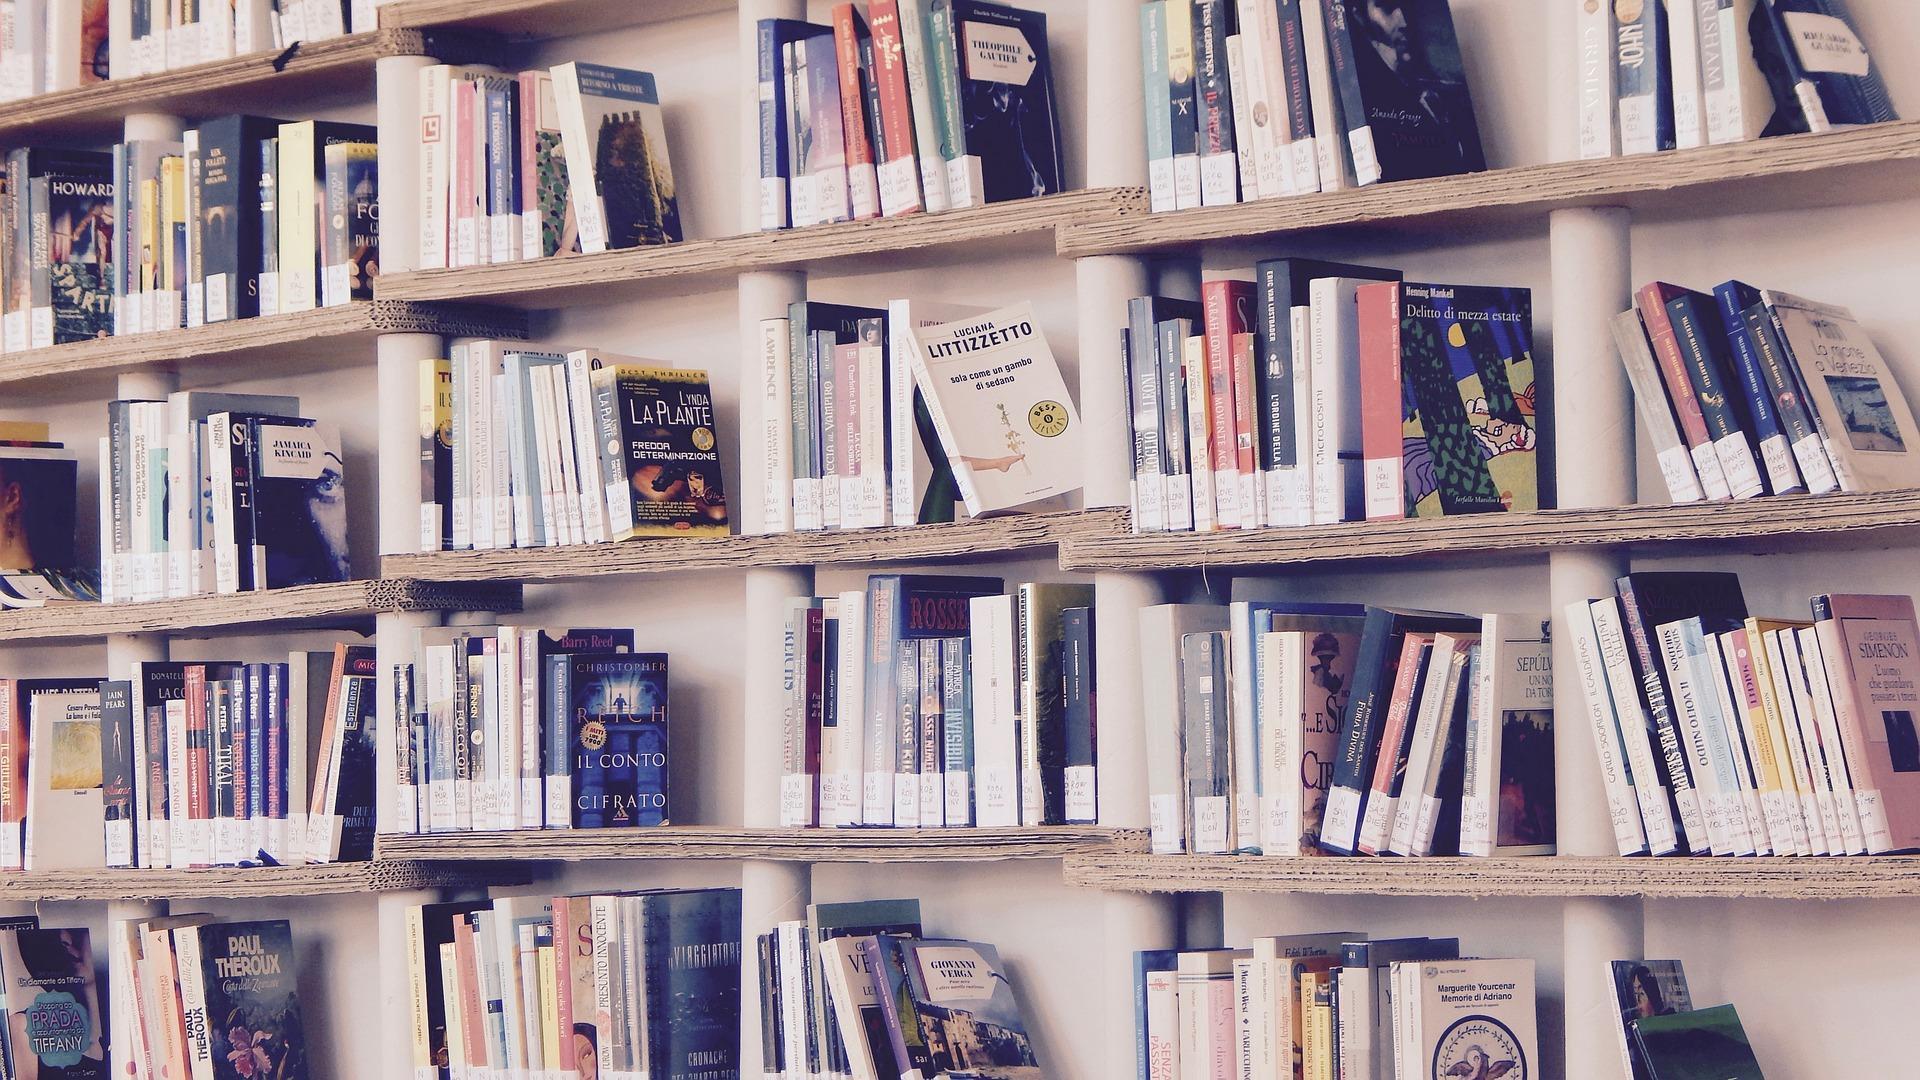 Bücher können Sie zum Beispiel bei Oxfam spenden. So erhalten Sie wieder mehr Platz in Ihren Regalen.